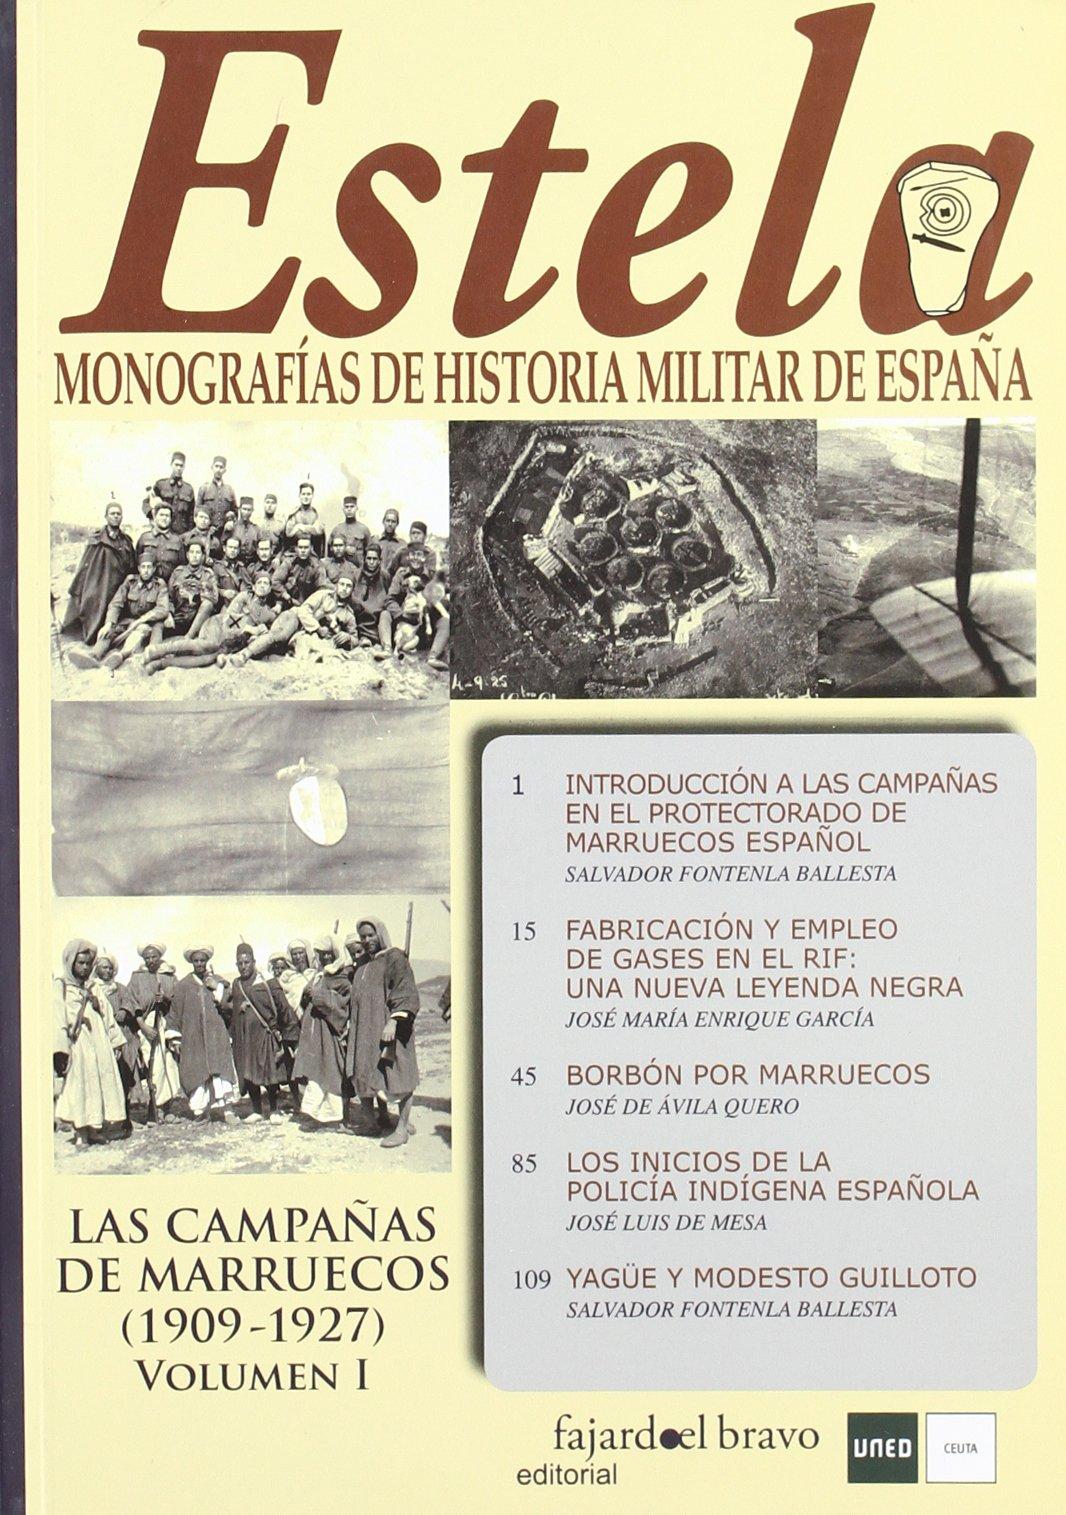 Estela I . Monografías de Historia Militar de España. la s Campañas de Marruecos 1909-1927. Volumen I.: Amazon.es: Varios autores: Libros